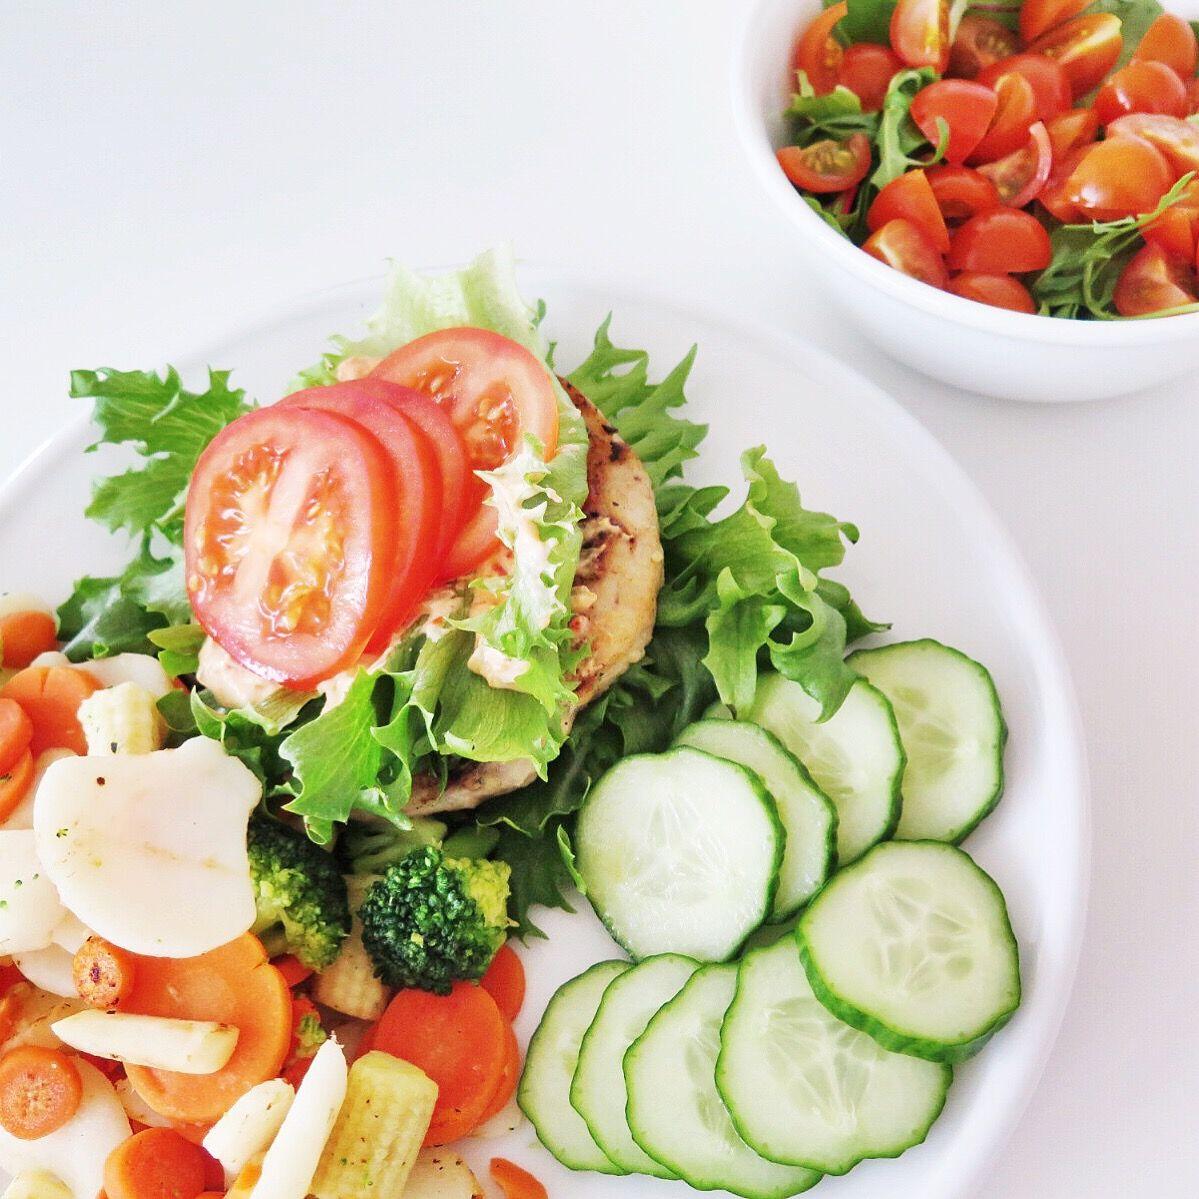 Frukt och grönsaker - inte så farligt när du räknar kalorier